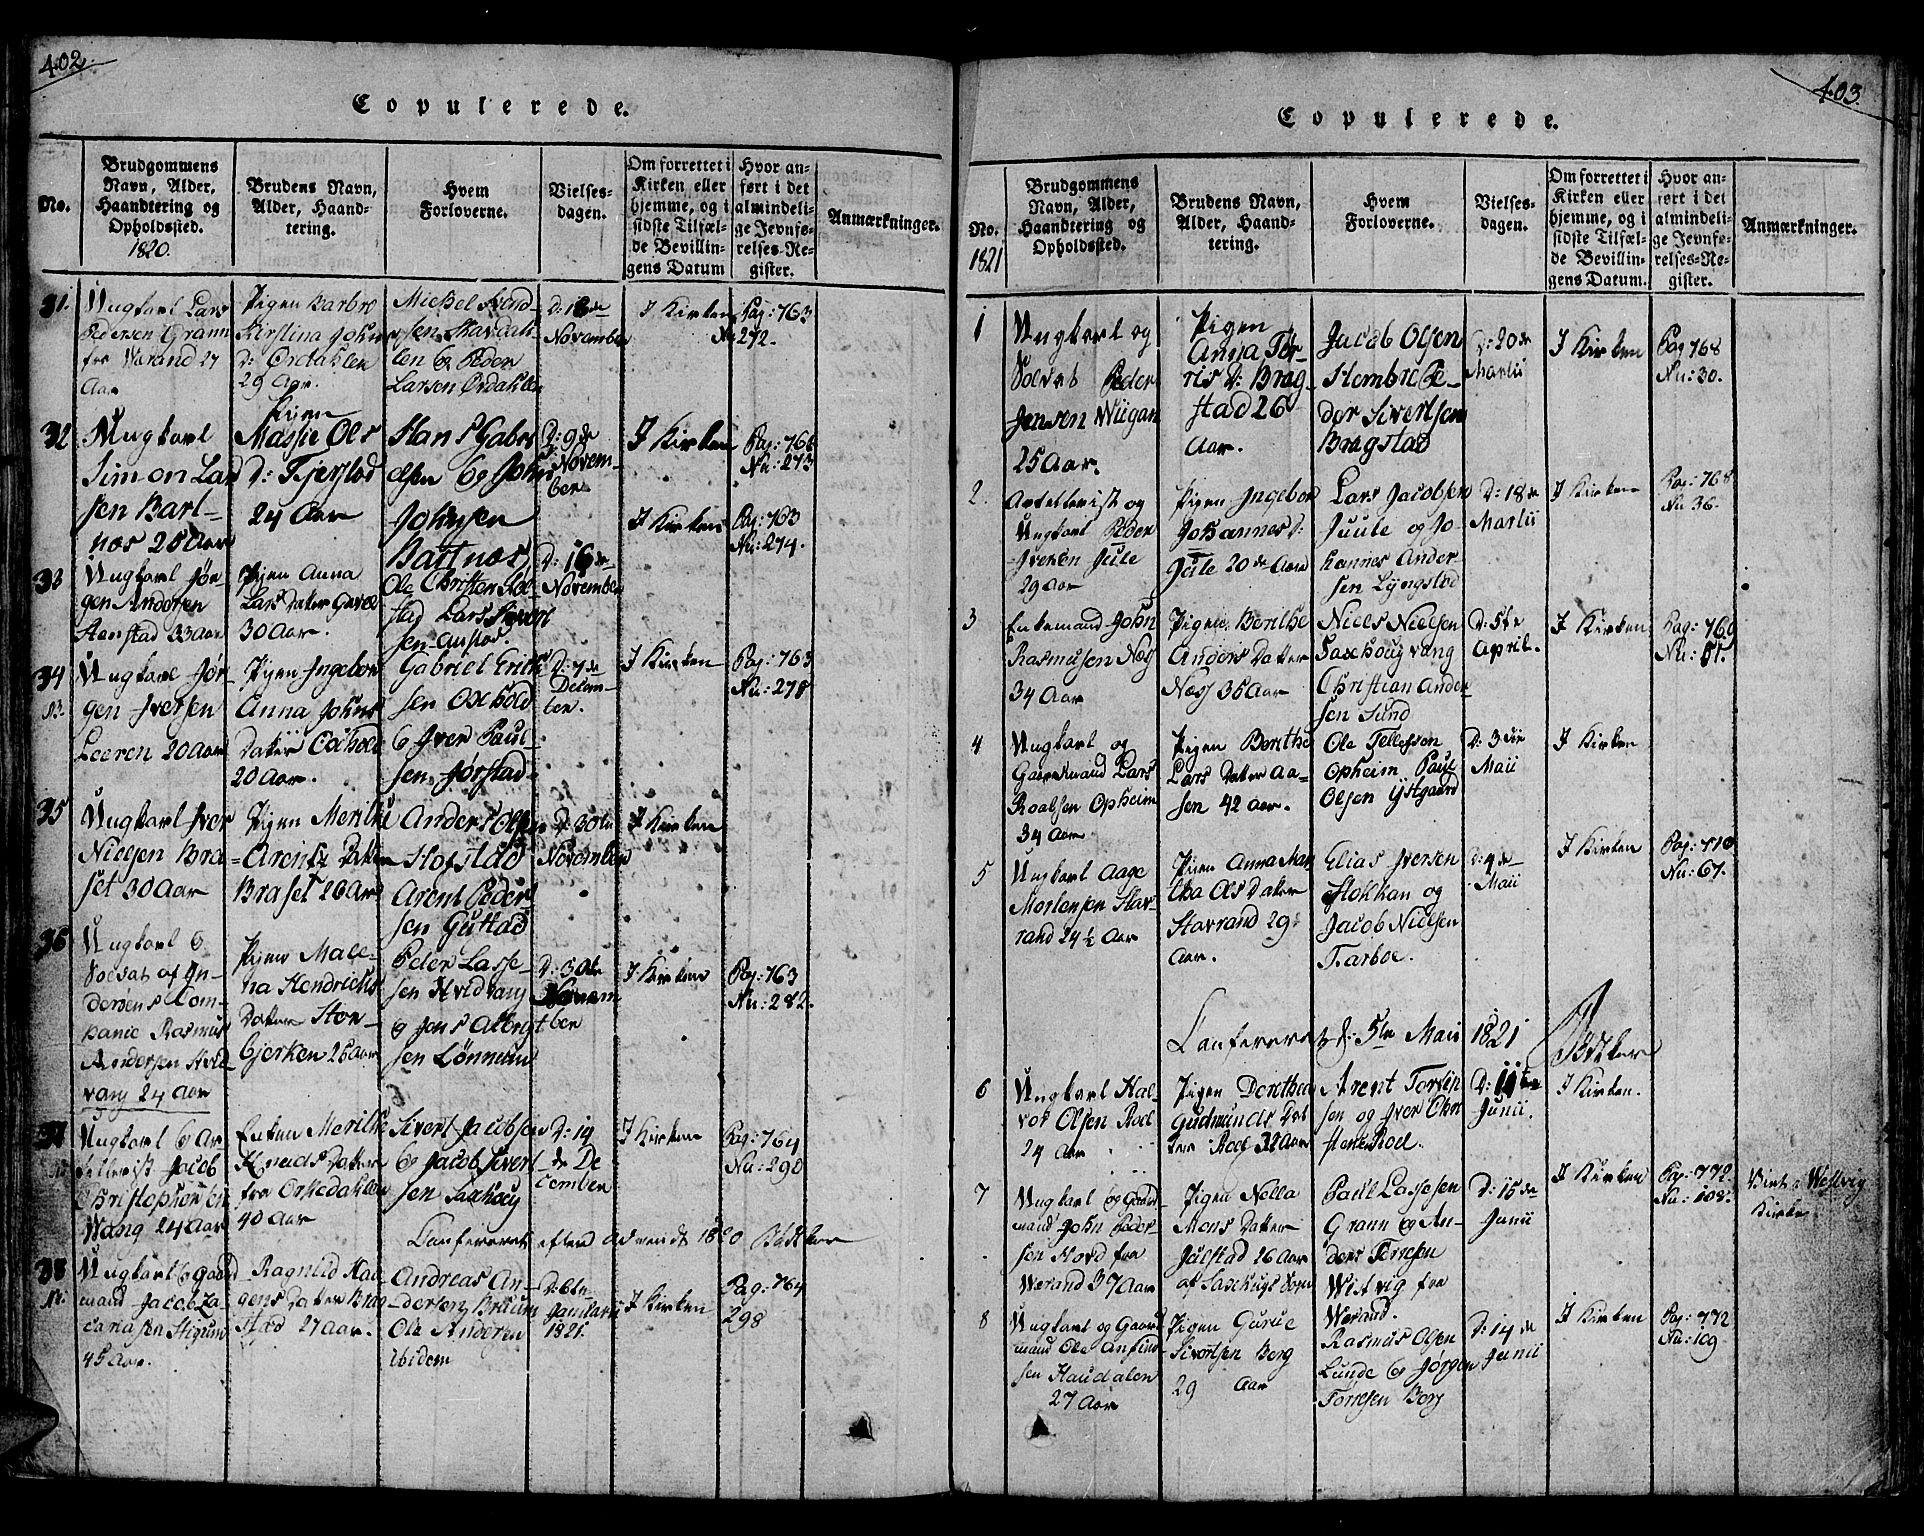 SAT, Ministerialprotokoller, klokkerbøker og fødselsregistre - Nord-Trøndelag, 730/L0275: Ministerialbok nr. 730A04, 1816-1822, s. 402-403